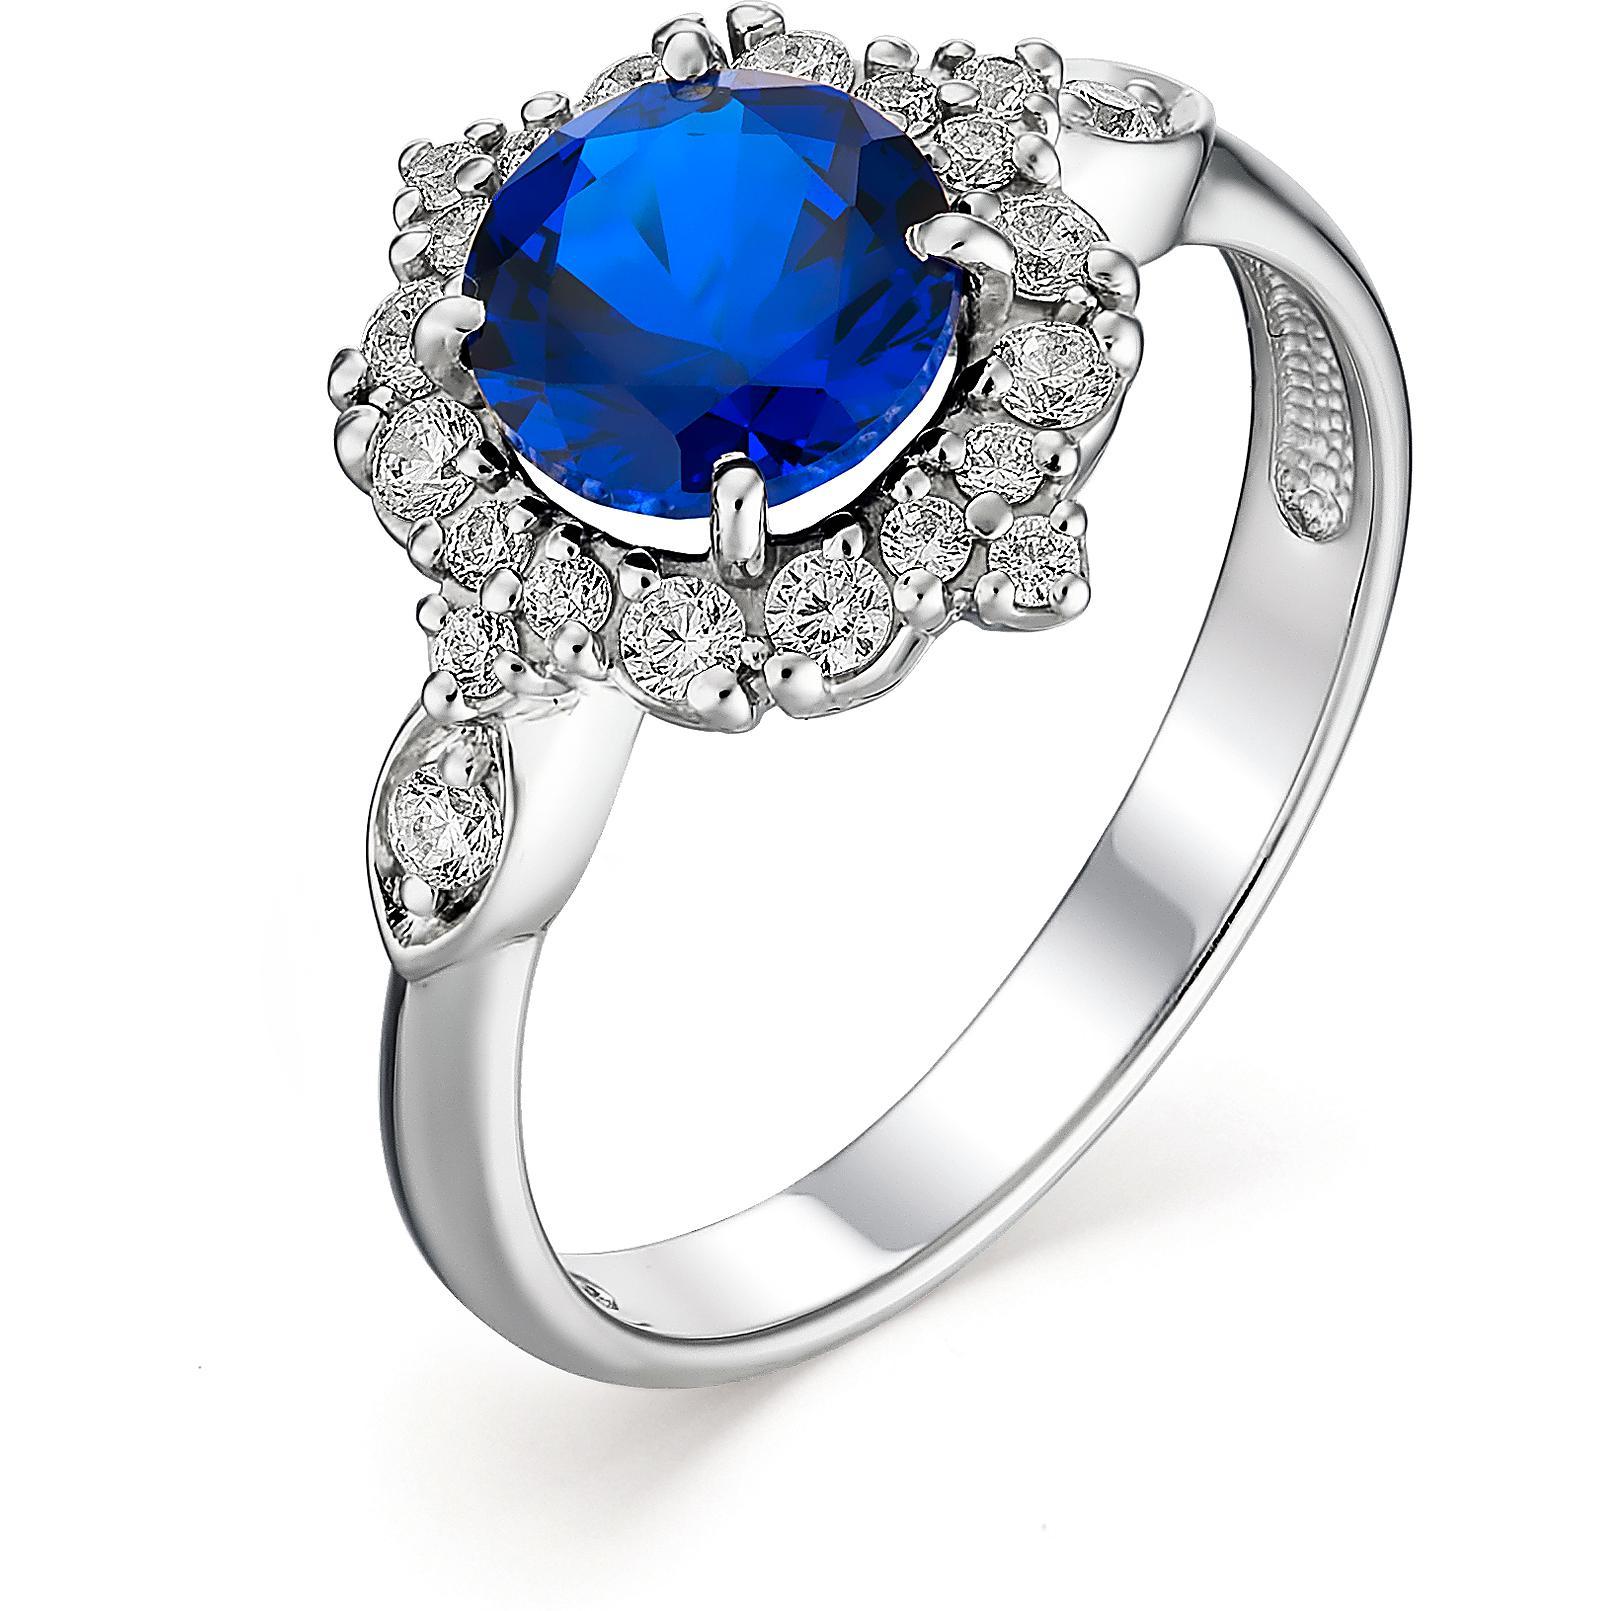 серебряное кольцо с синим камнем фото только молодые листья